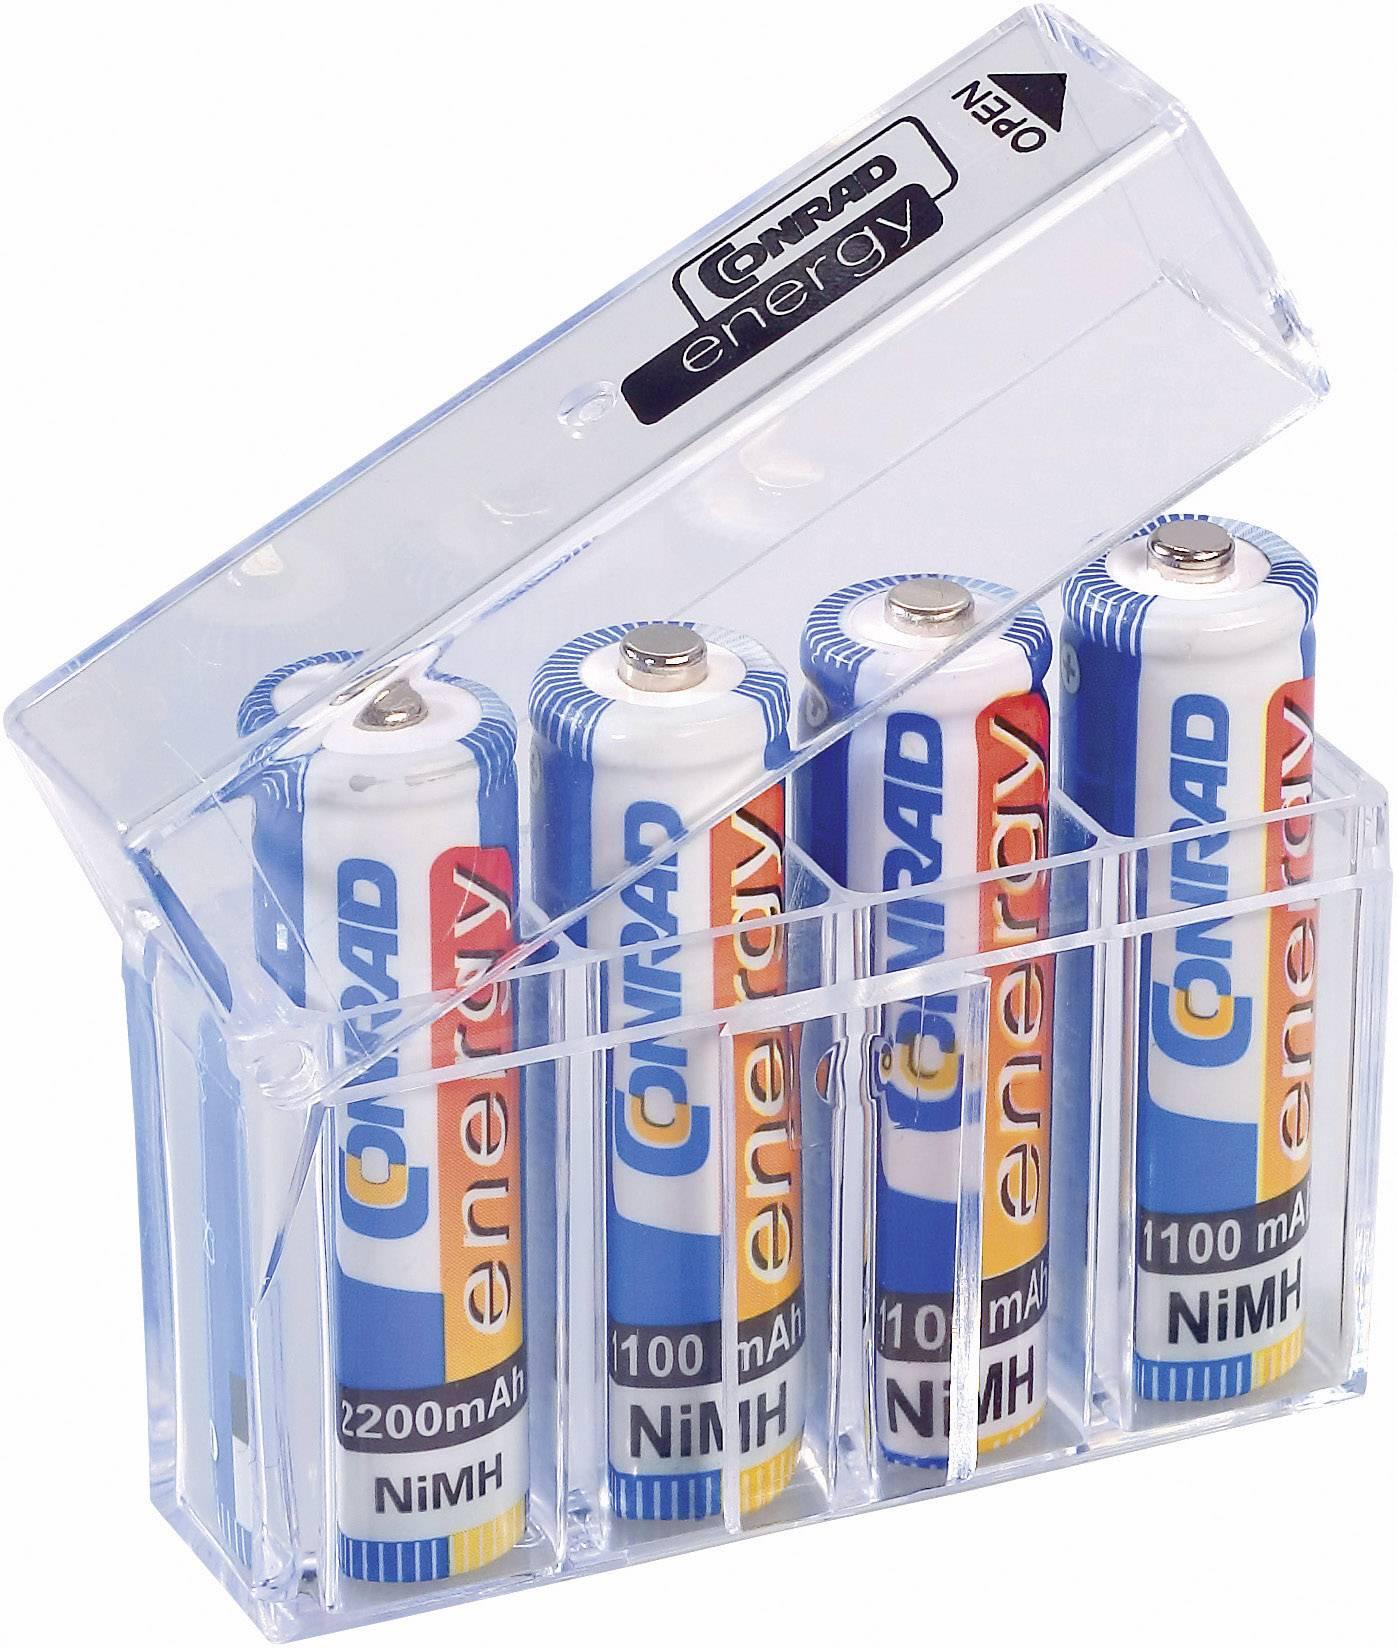 Príslušenstvo pre batérie, akumulátory a nabíjačky